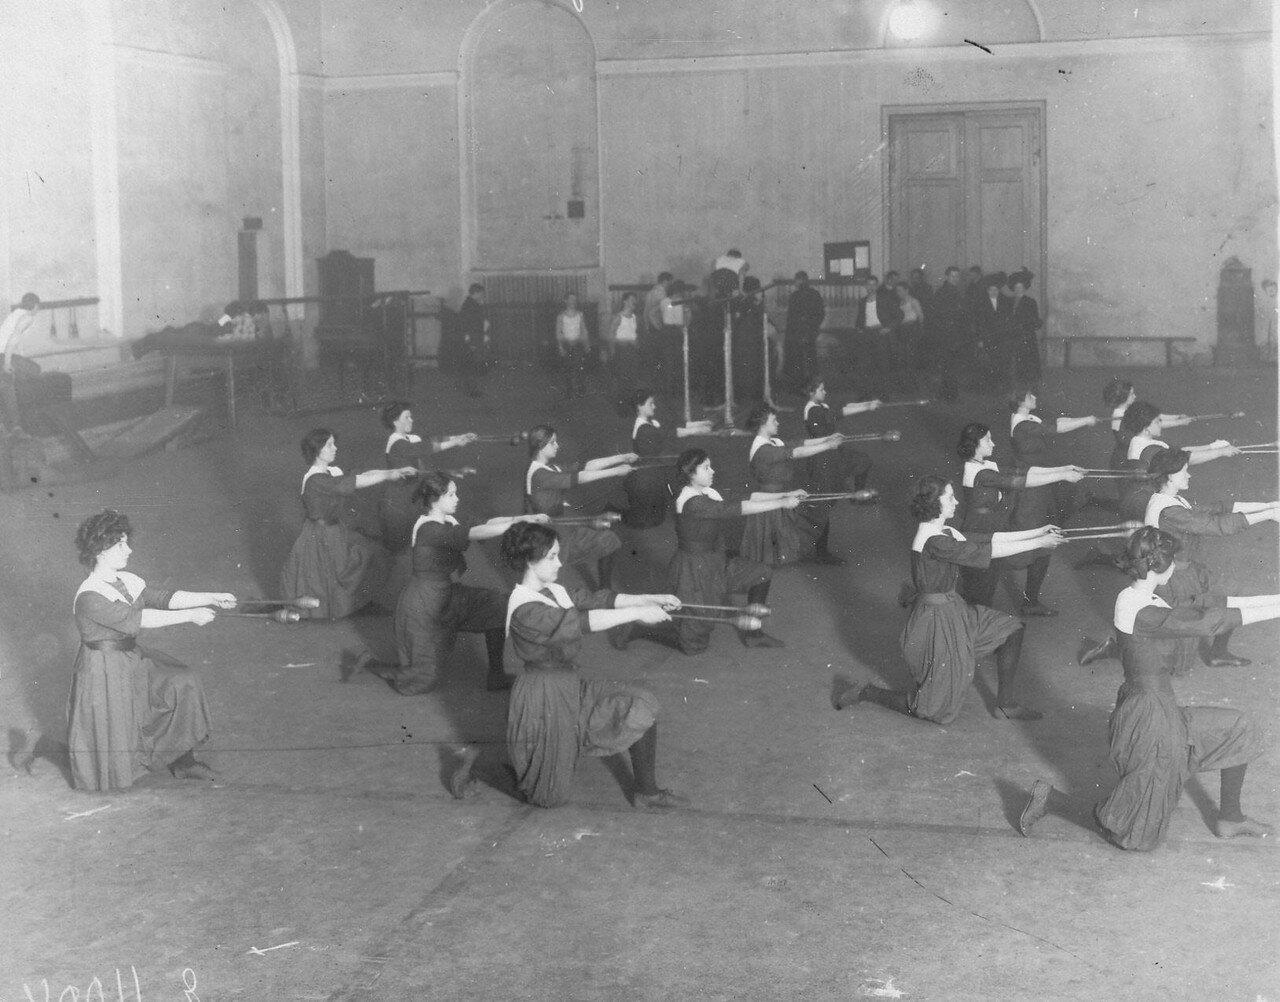 16. Члены Общества телесного воспитания Богатырь выполняют гимнастические упражнения. 1911